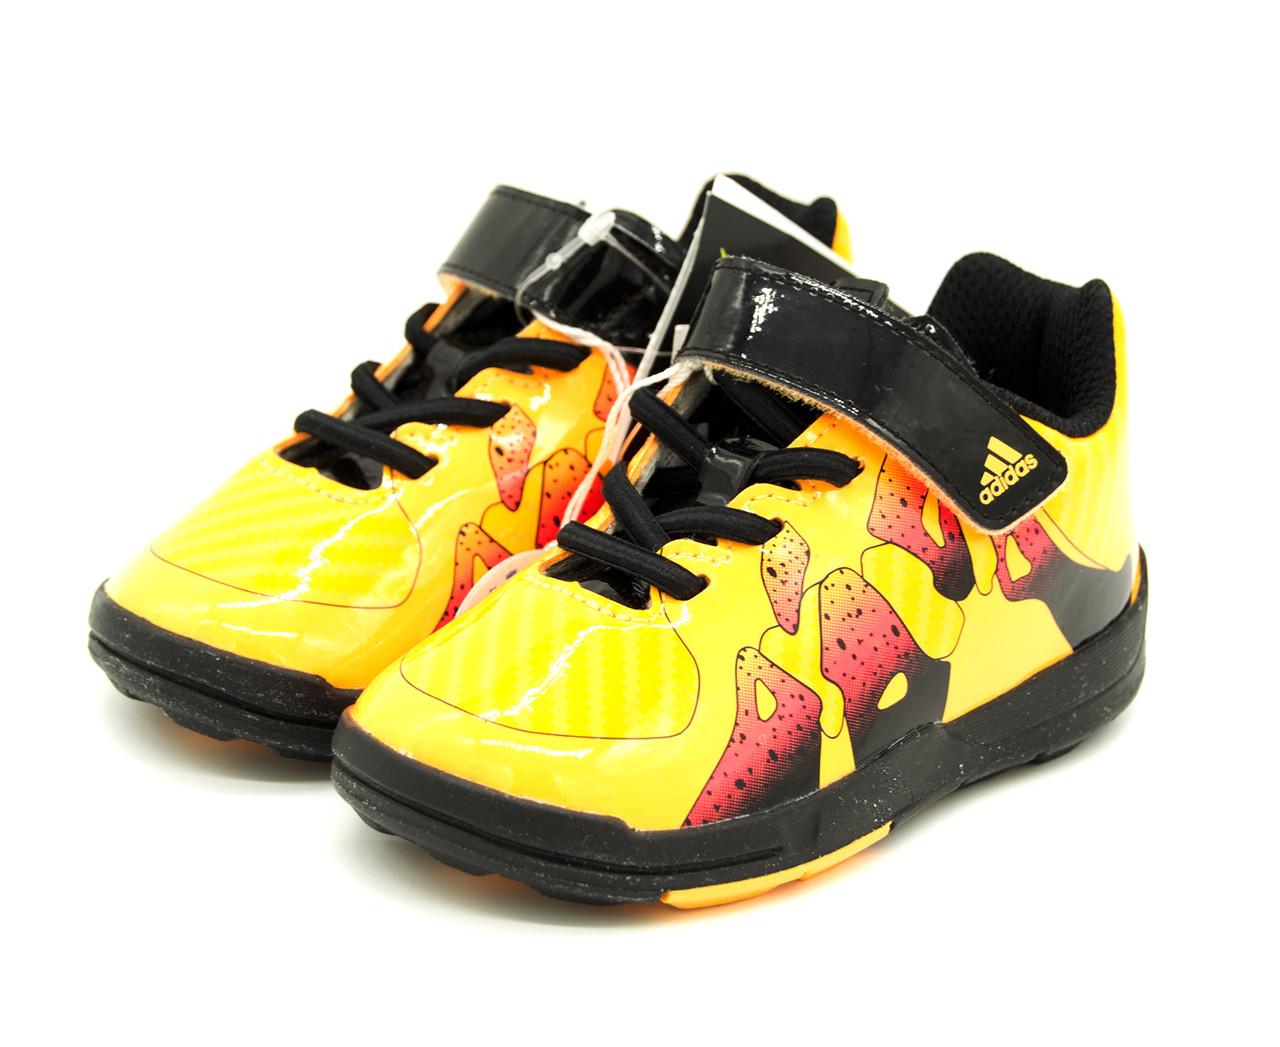 Кроссовки Adidas для мальчика футбольные Размер - 22 (14 см)